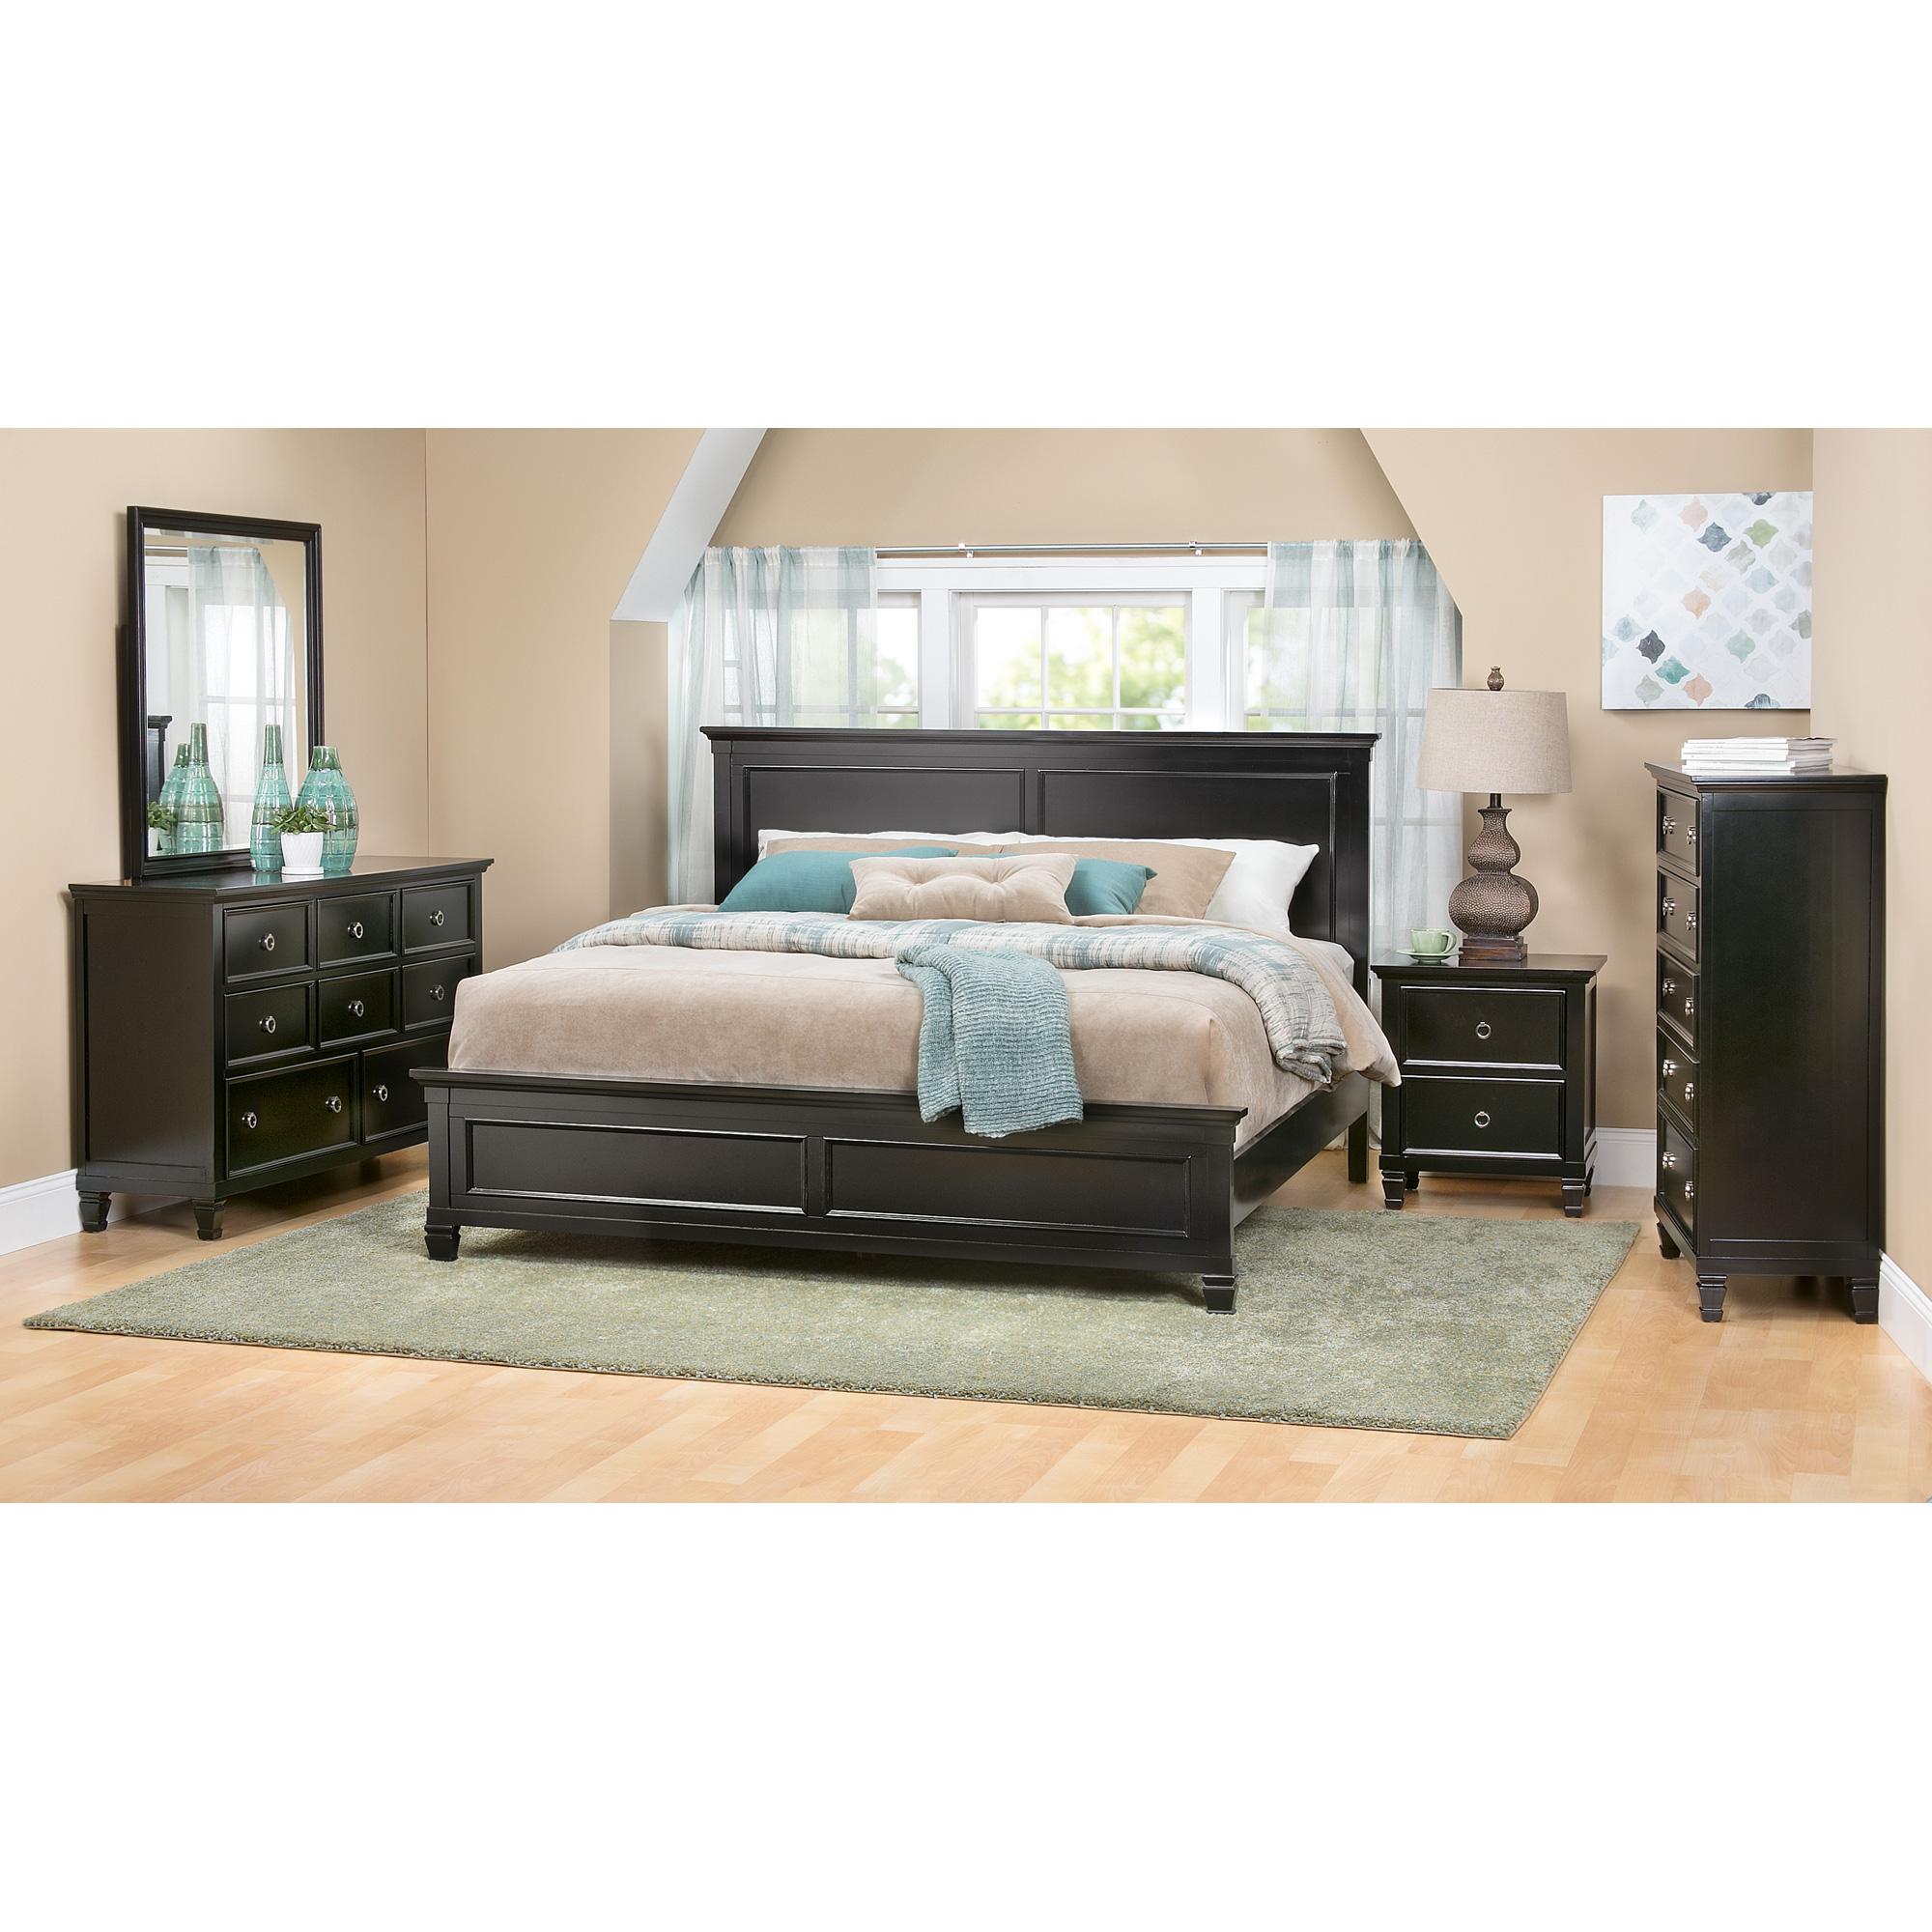 New Classic | Persia II Black Queen 4 Piece Room Group Bedroom Set